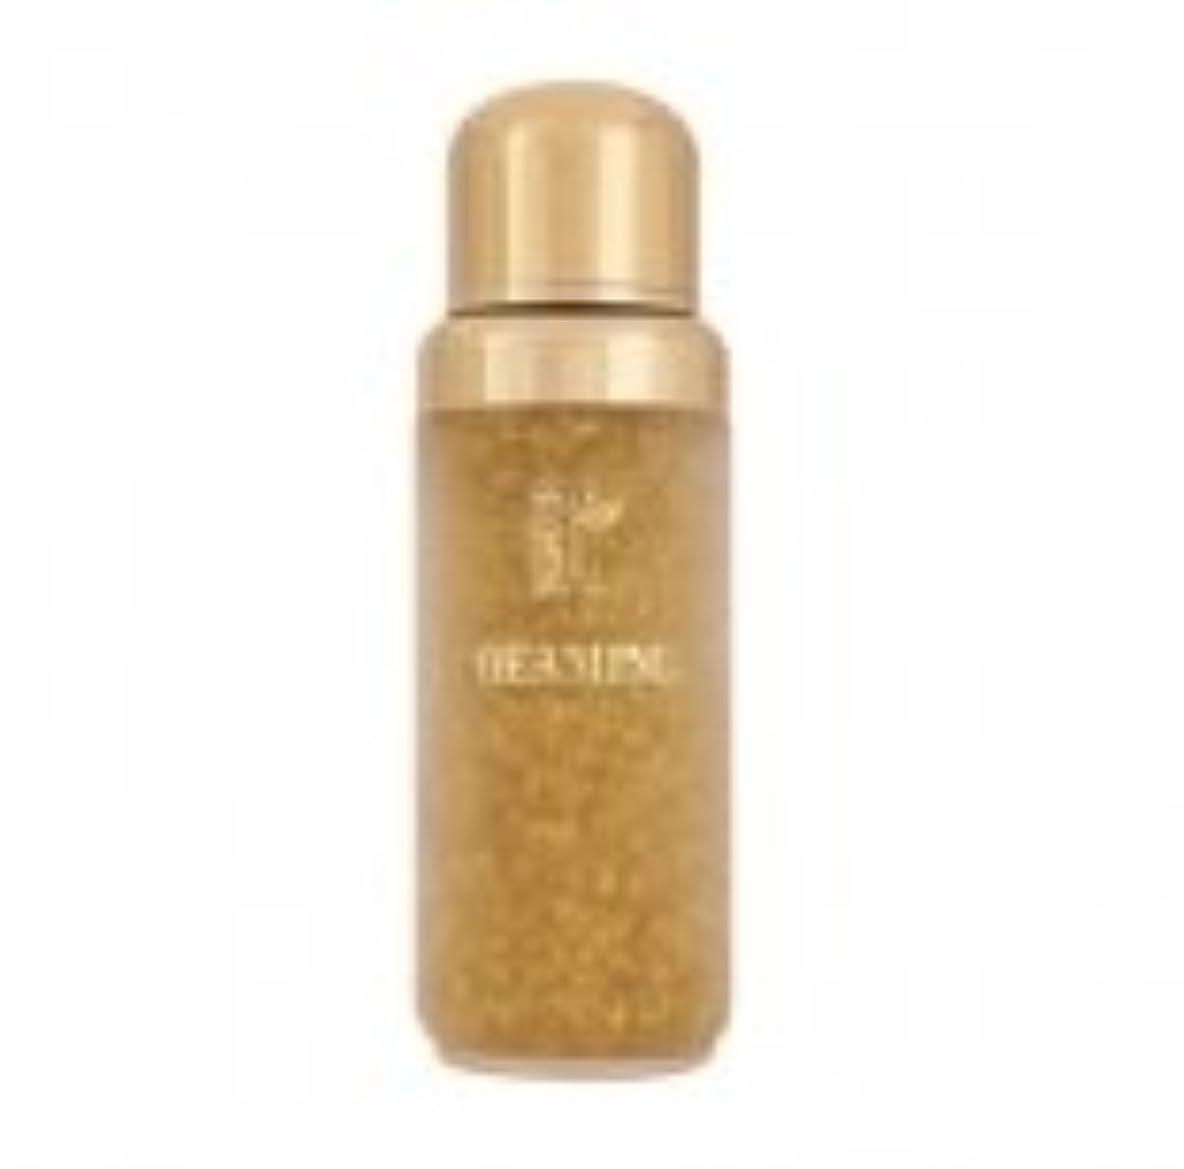 上昇特別に荒らすVIP ビーミングシリーズ 100% 無添加 美容界の奇跡 超高級化粧品 純金箔 錆びない肌 究極の エイジングケア フェイスケア スキンケアセット クレオパトラ の 基礎化粧品 日本製 (ビーミングゴールドローション)